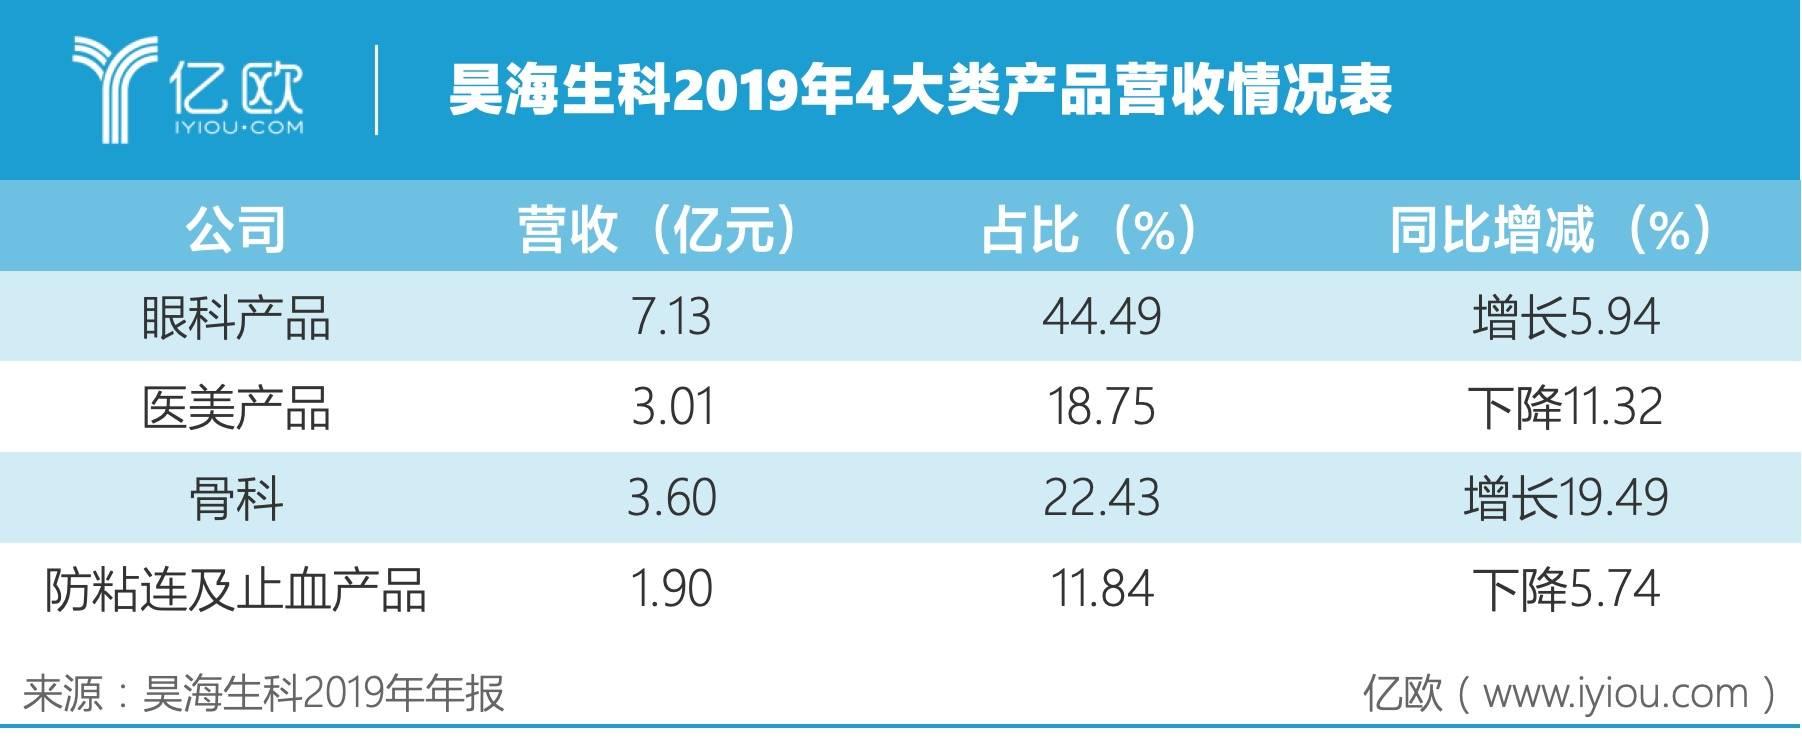 昊海生科4大类产品营收情况表.jpeg